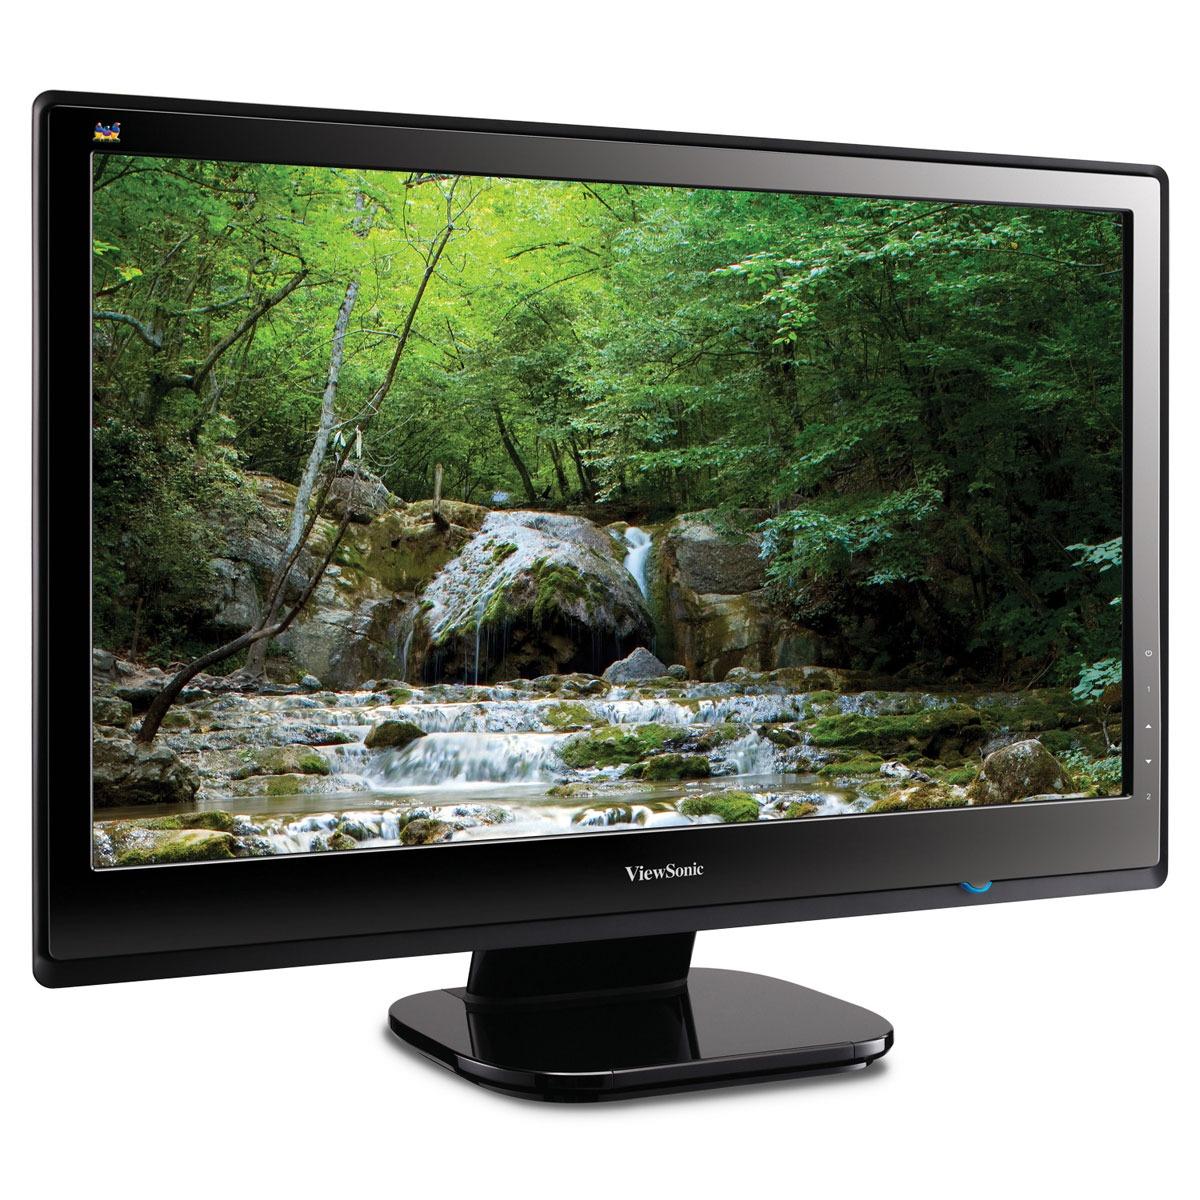 """Ecran PC ViewSonic 24"""" LED - VX2453mh-LED 1920 x 1080 pixels - 5 ms - Format large 16/9 Super-Slim - Noir (garantie constructeur 2 ans)"""